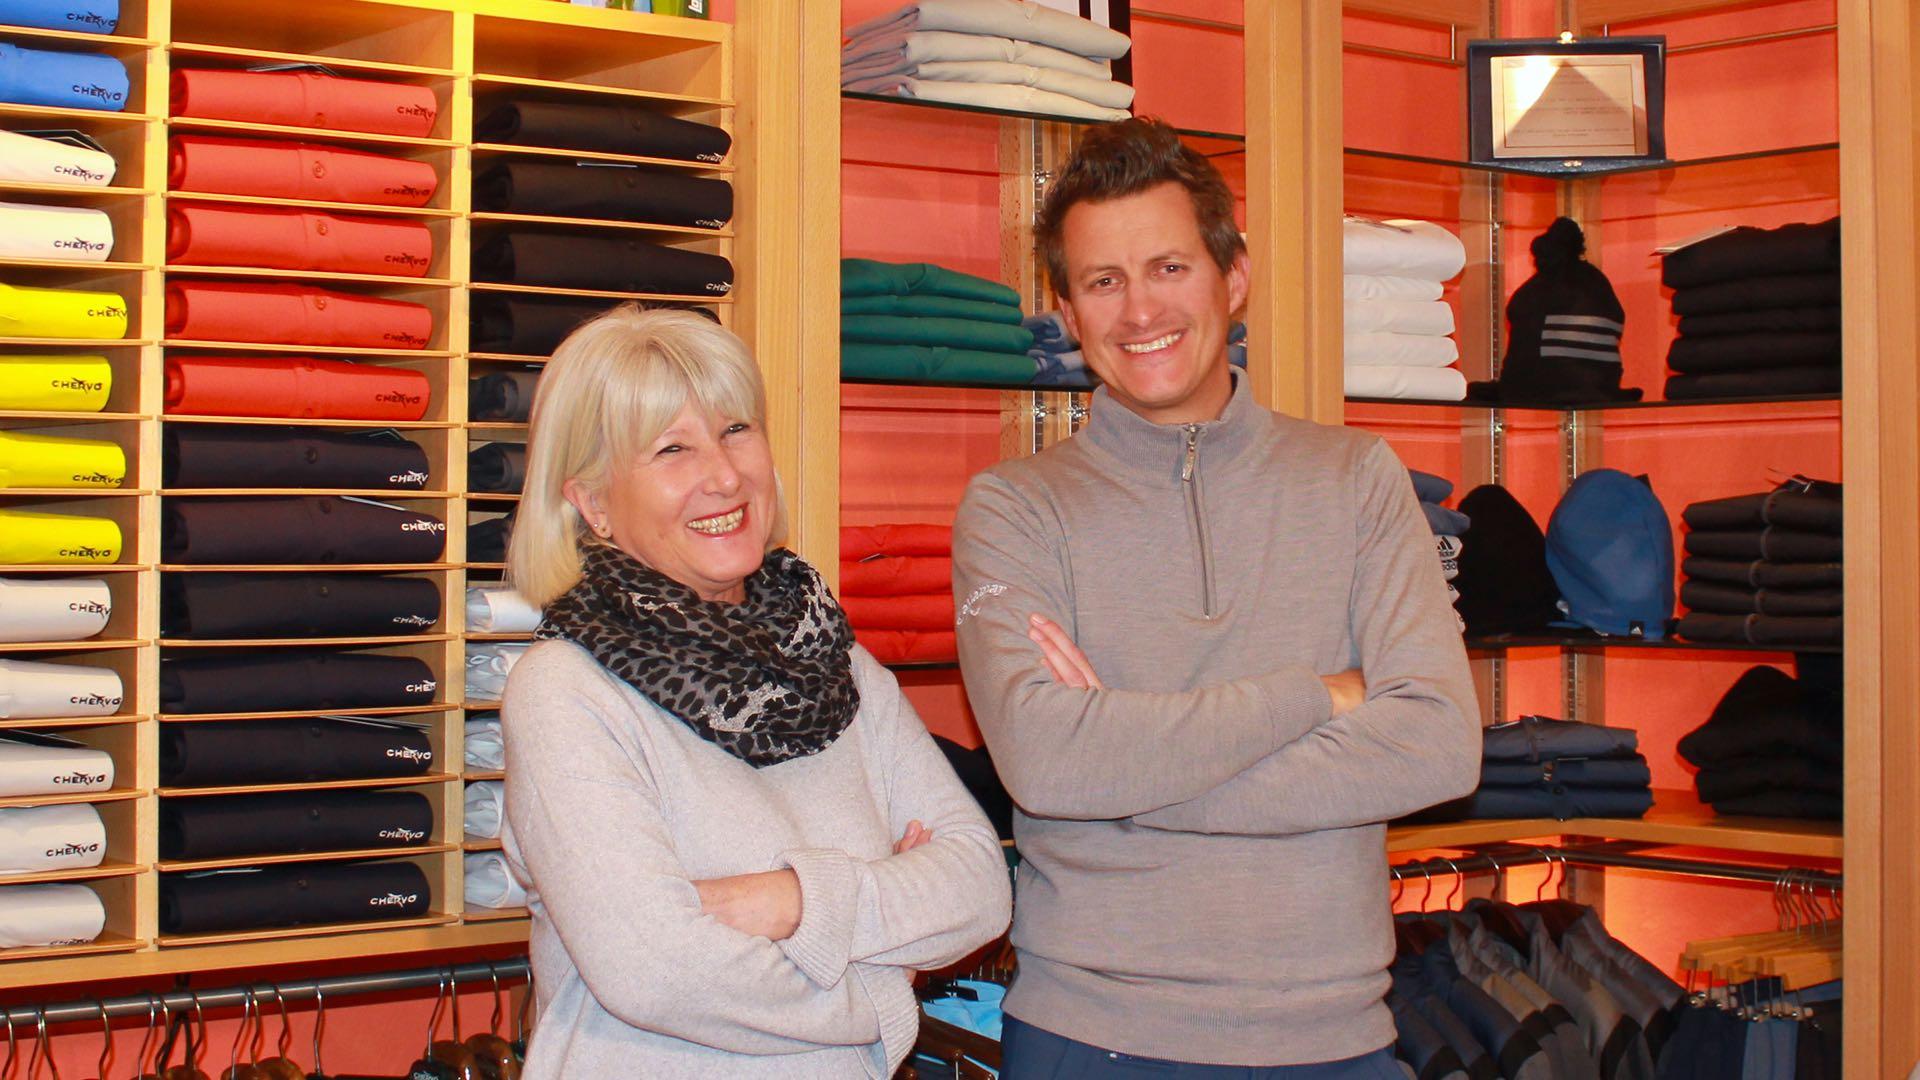 GOLF e non solo, il negozio di articoli dedicato al mondo del golf. Disponiamo delle migliori marche, di personale qualificato e massima attenzione al cliente.